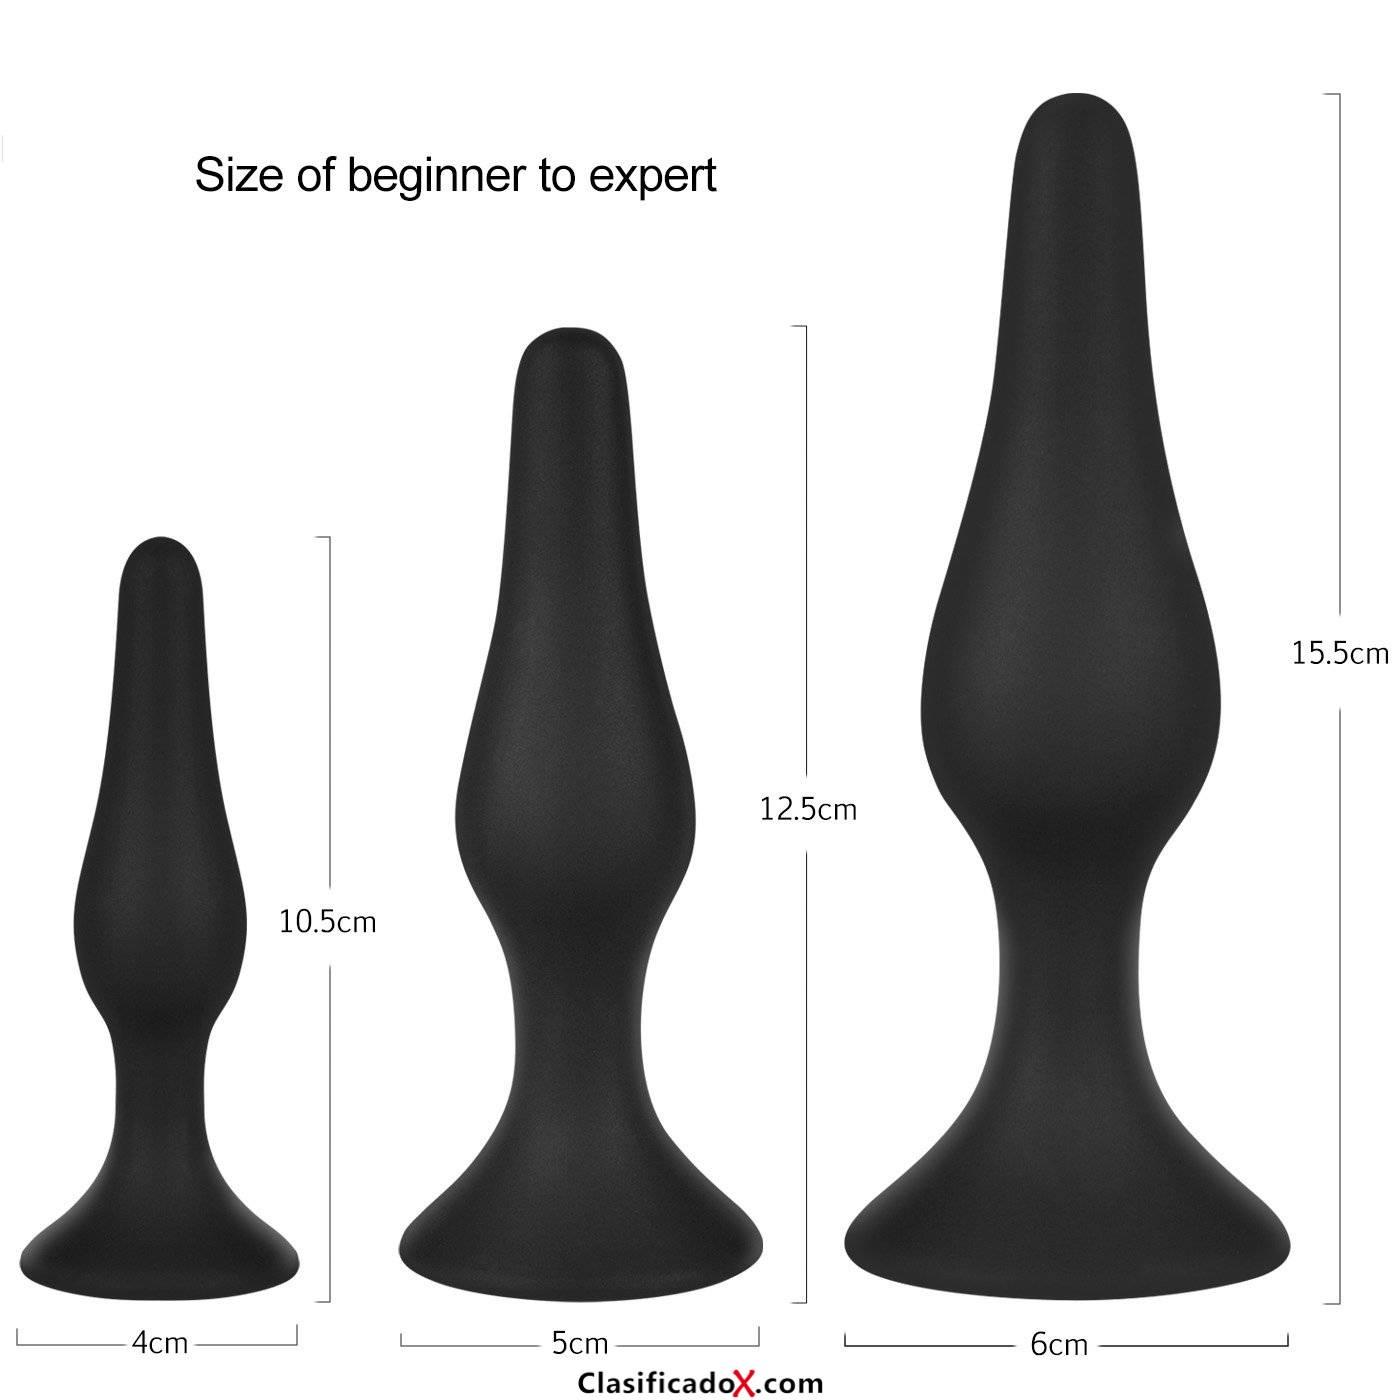 Plug Anales Tres Piezas Negro para la Expansión y la Masturbación en S, M, L Tamaño de Dothnix. Envíos a Las Palmas